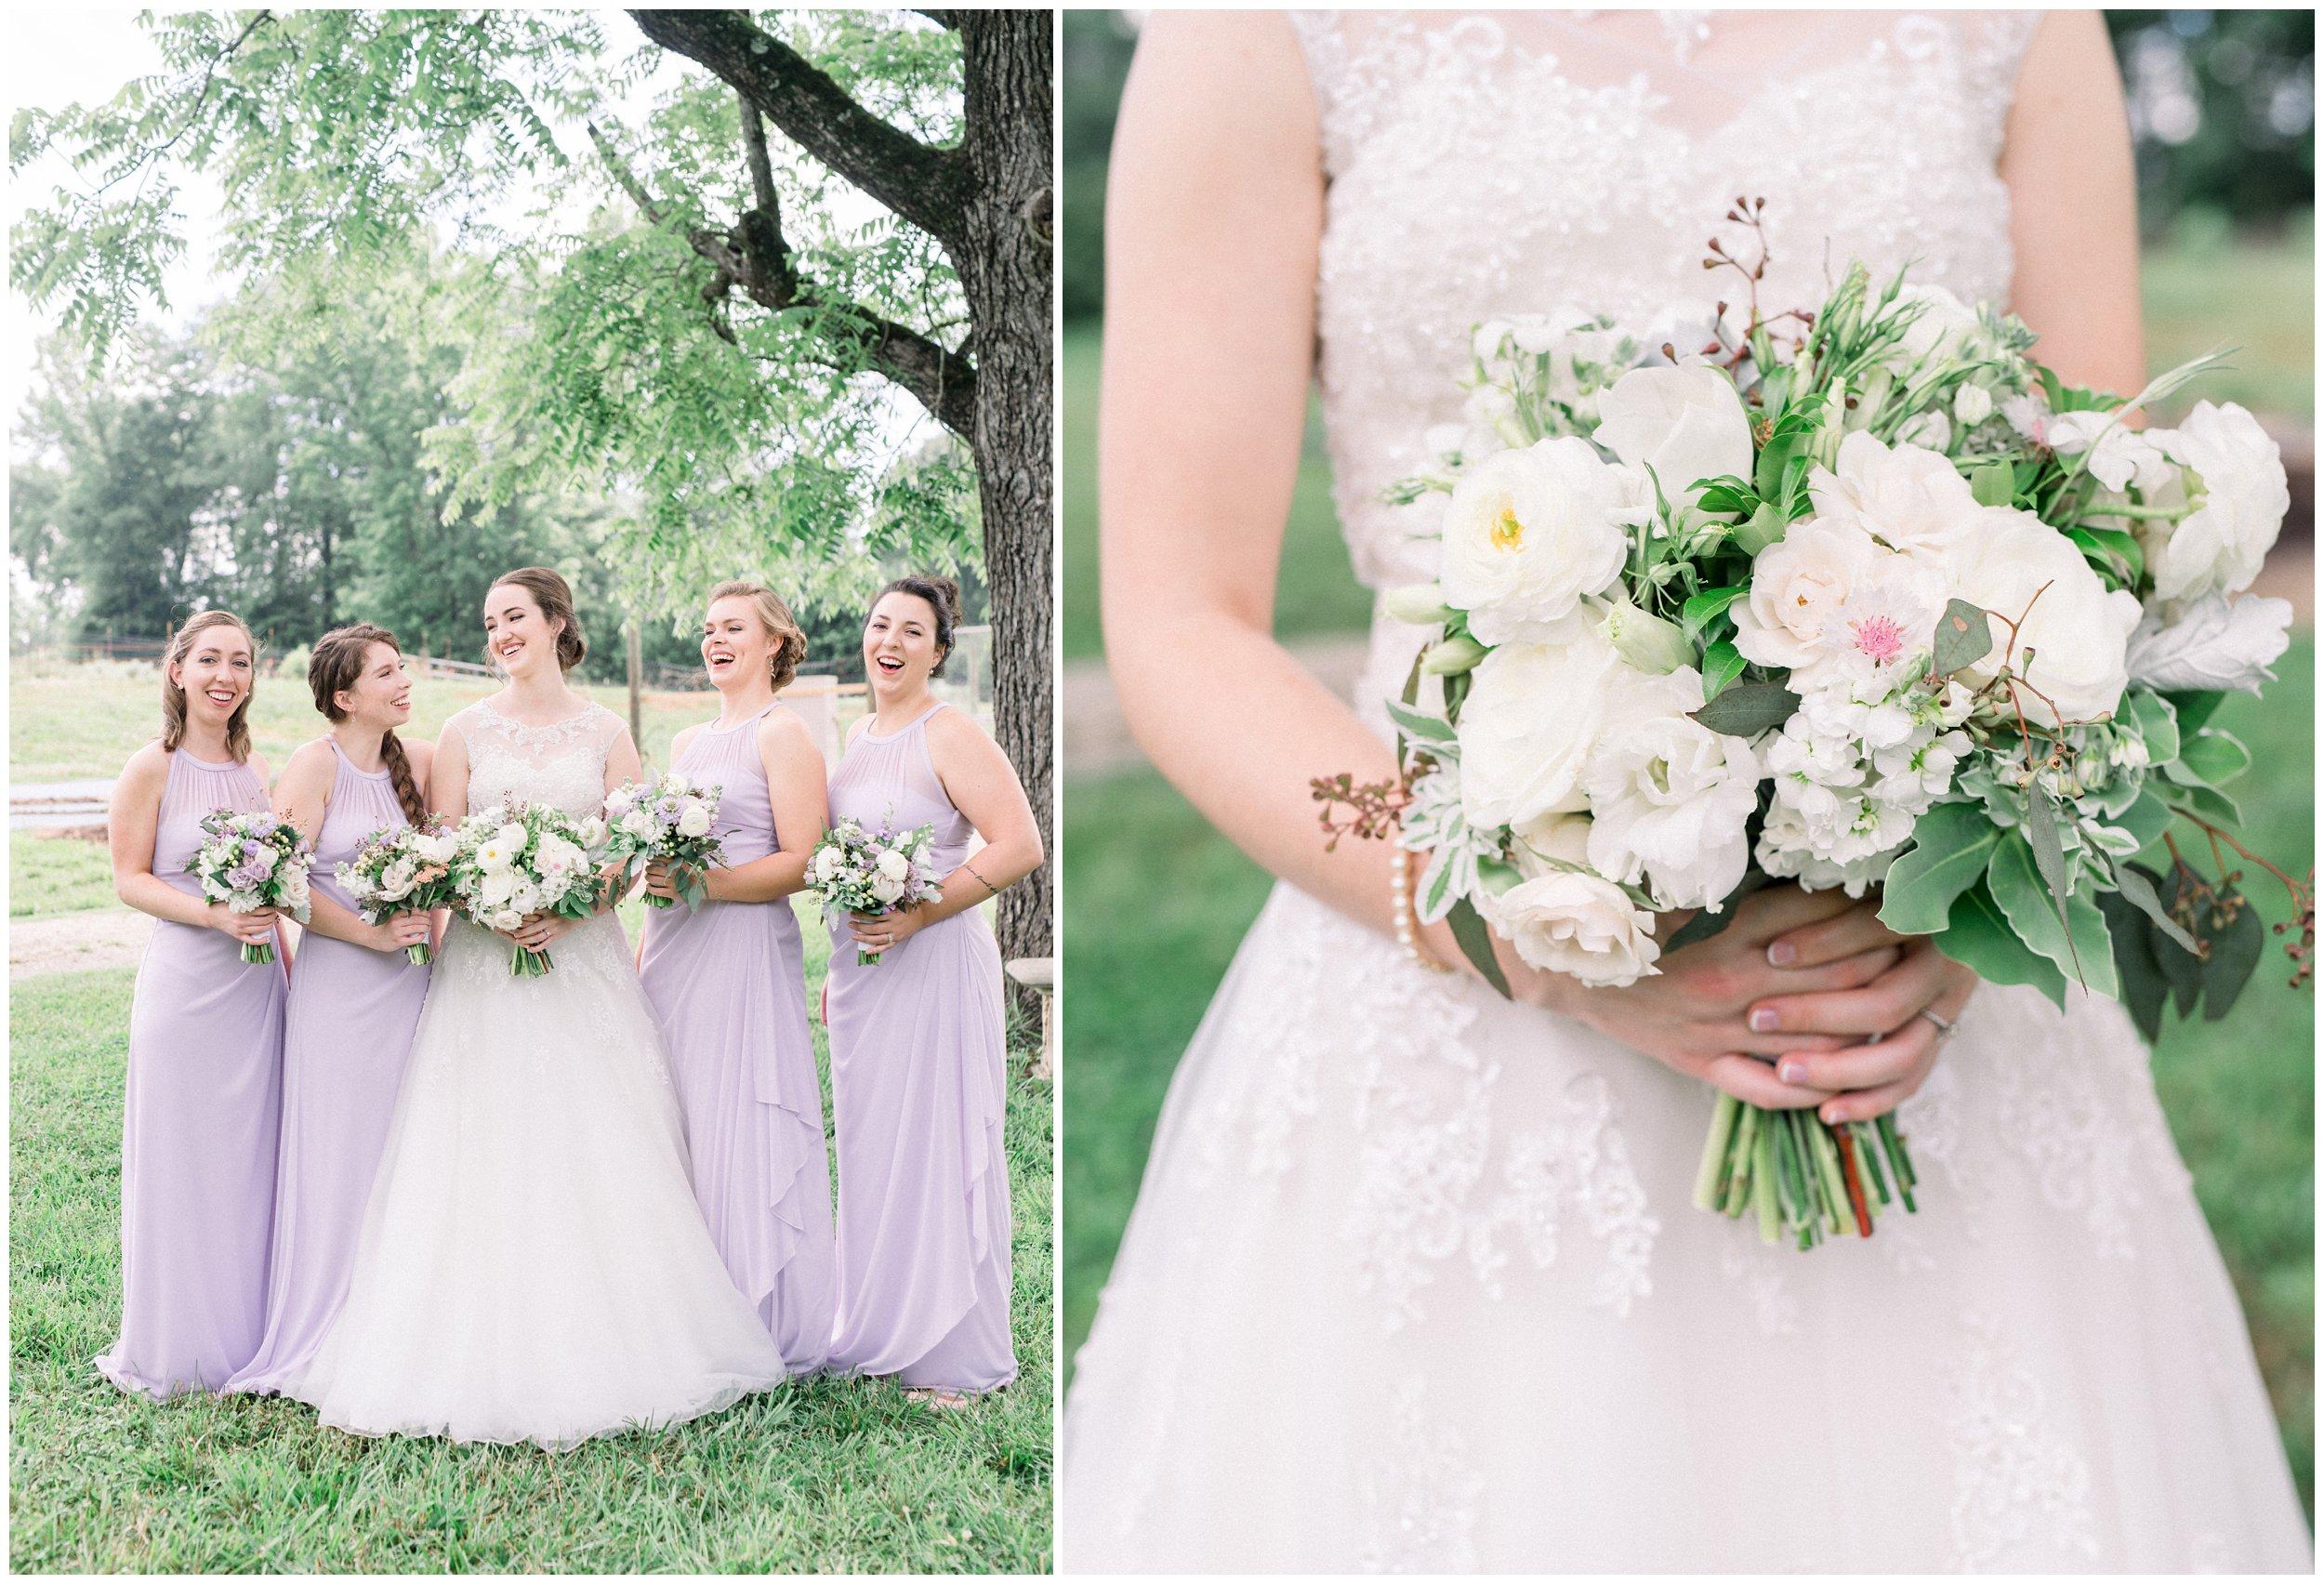 bridal party lavender details bouquet close up rock hill